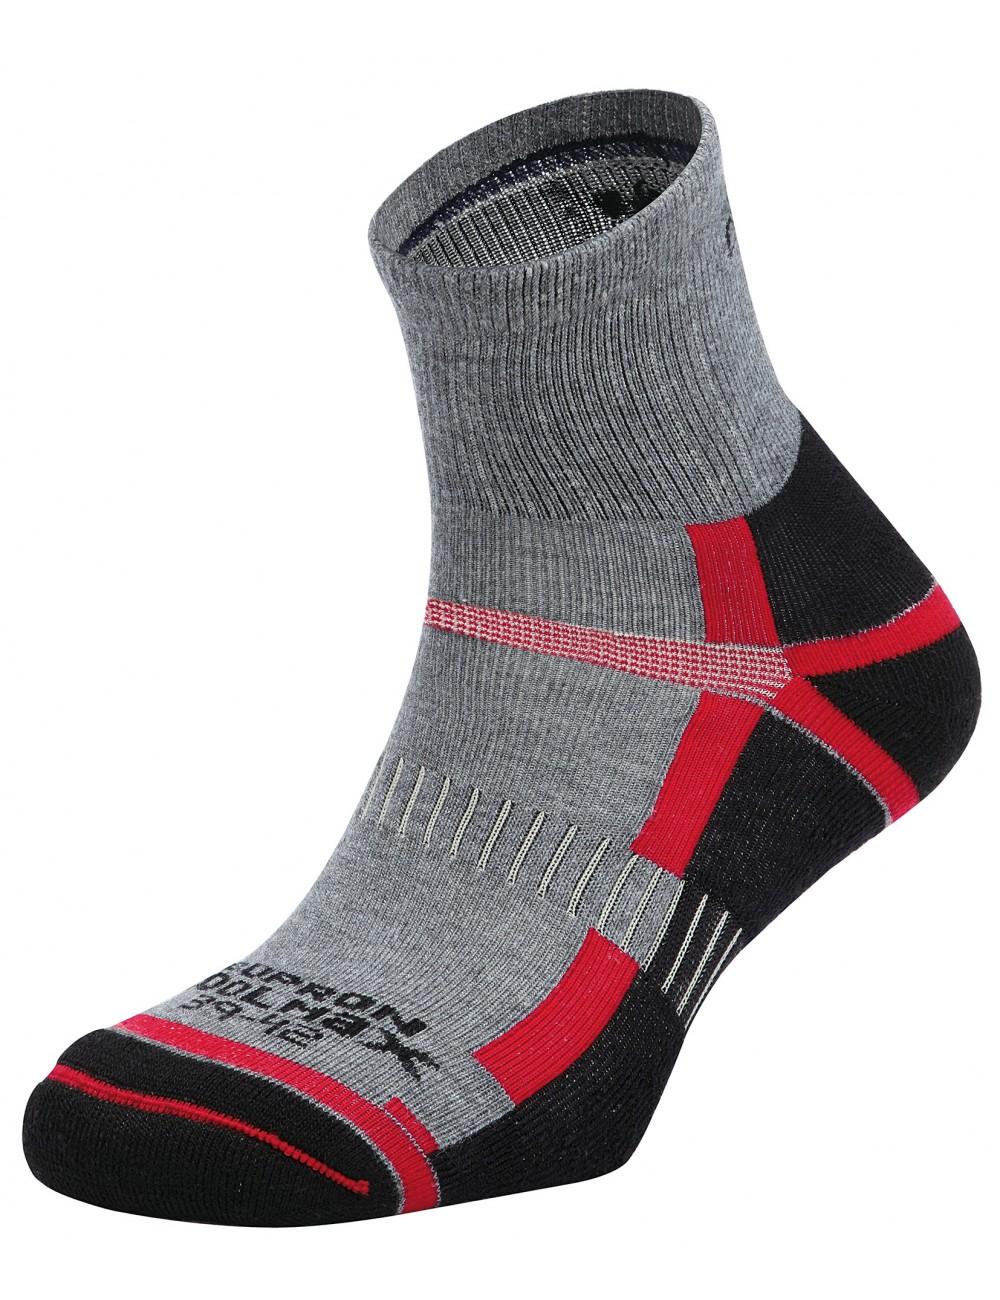 Complemento del calzado calcetines Chiruca multifuncional